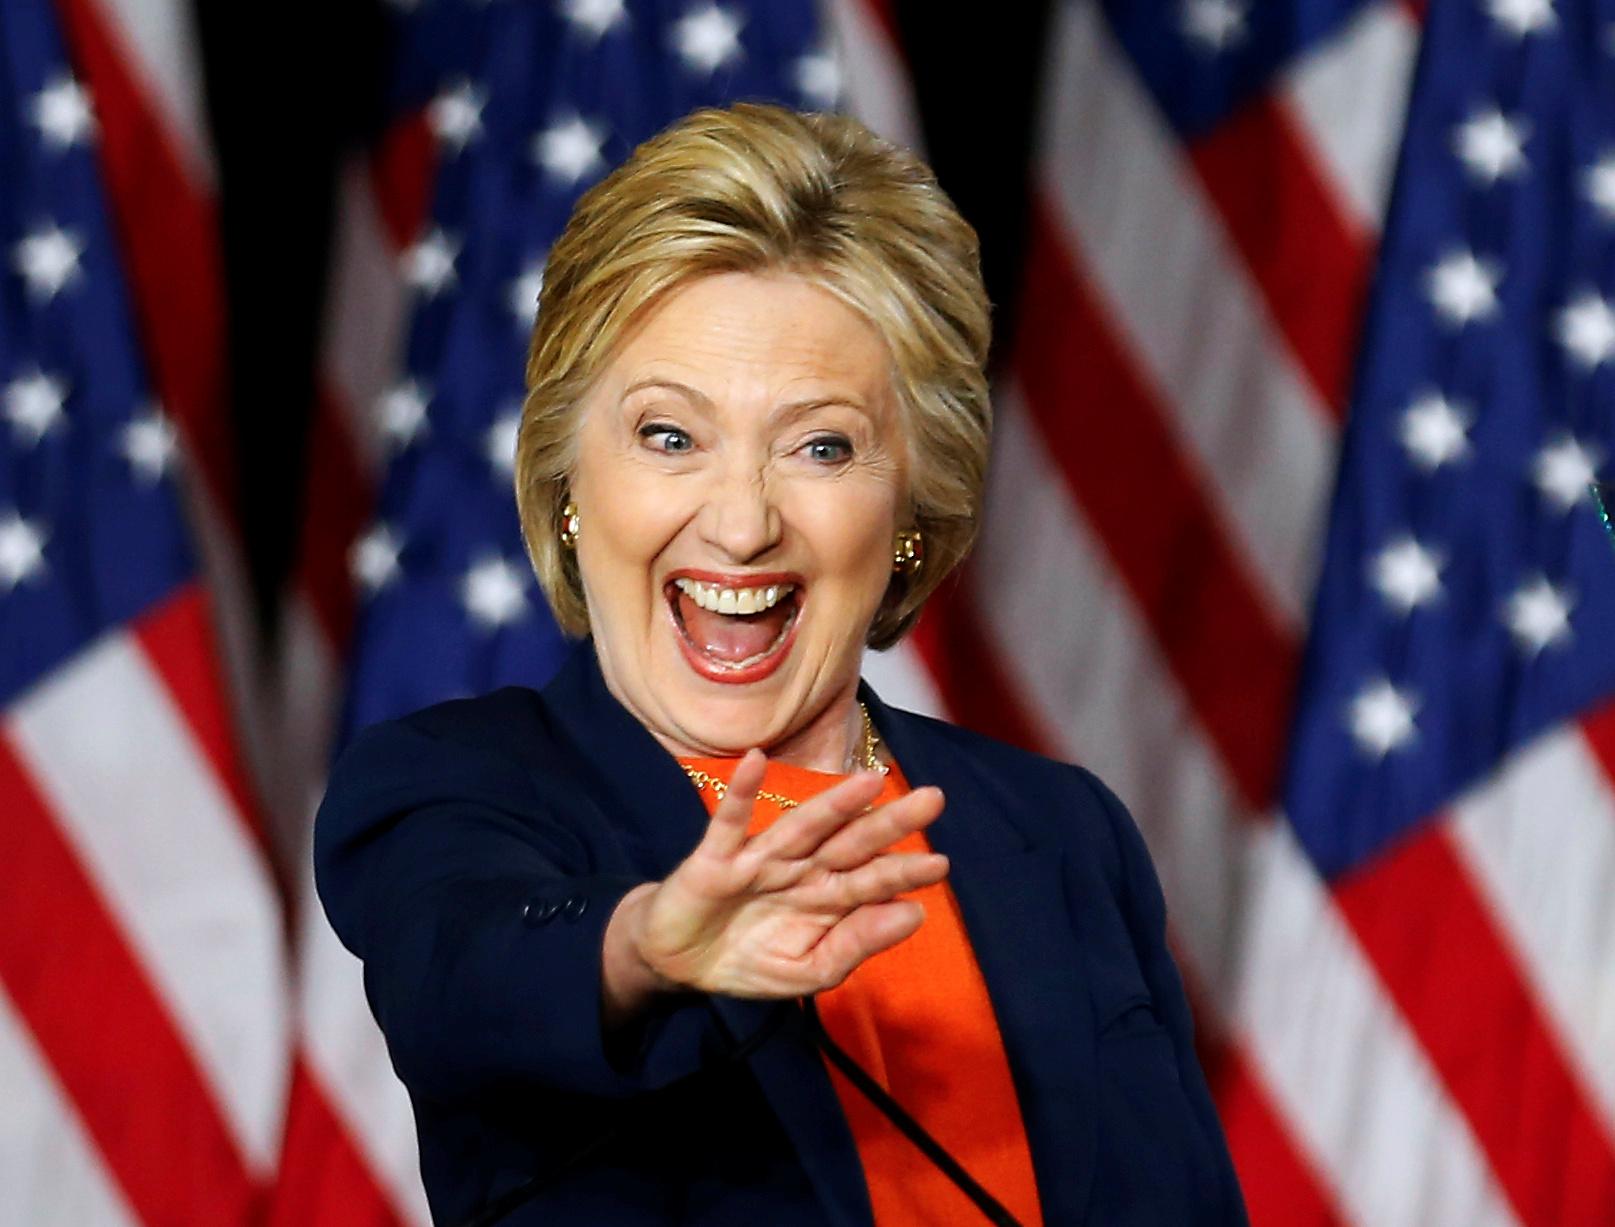 SAN DIEGO, CALIFORNIA: Demokratenes kandidat Hillary Clinton er ikke noe dårligere på å hente fram smilet enn hennes republikanske motstander, Donald Trump. Her er hun på podiet i San Diego etter en valgkamptale torsdag. FOTO: Mike Blake / NTB scanpix